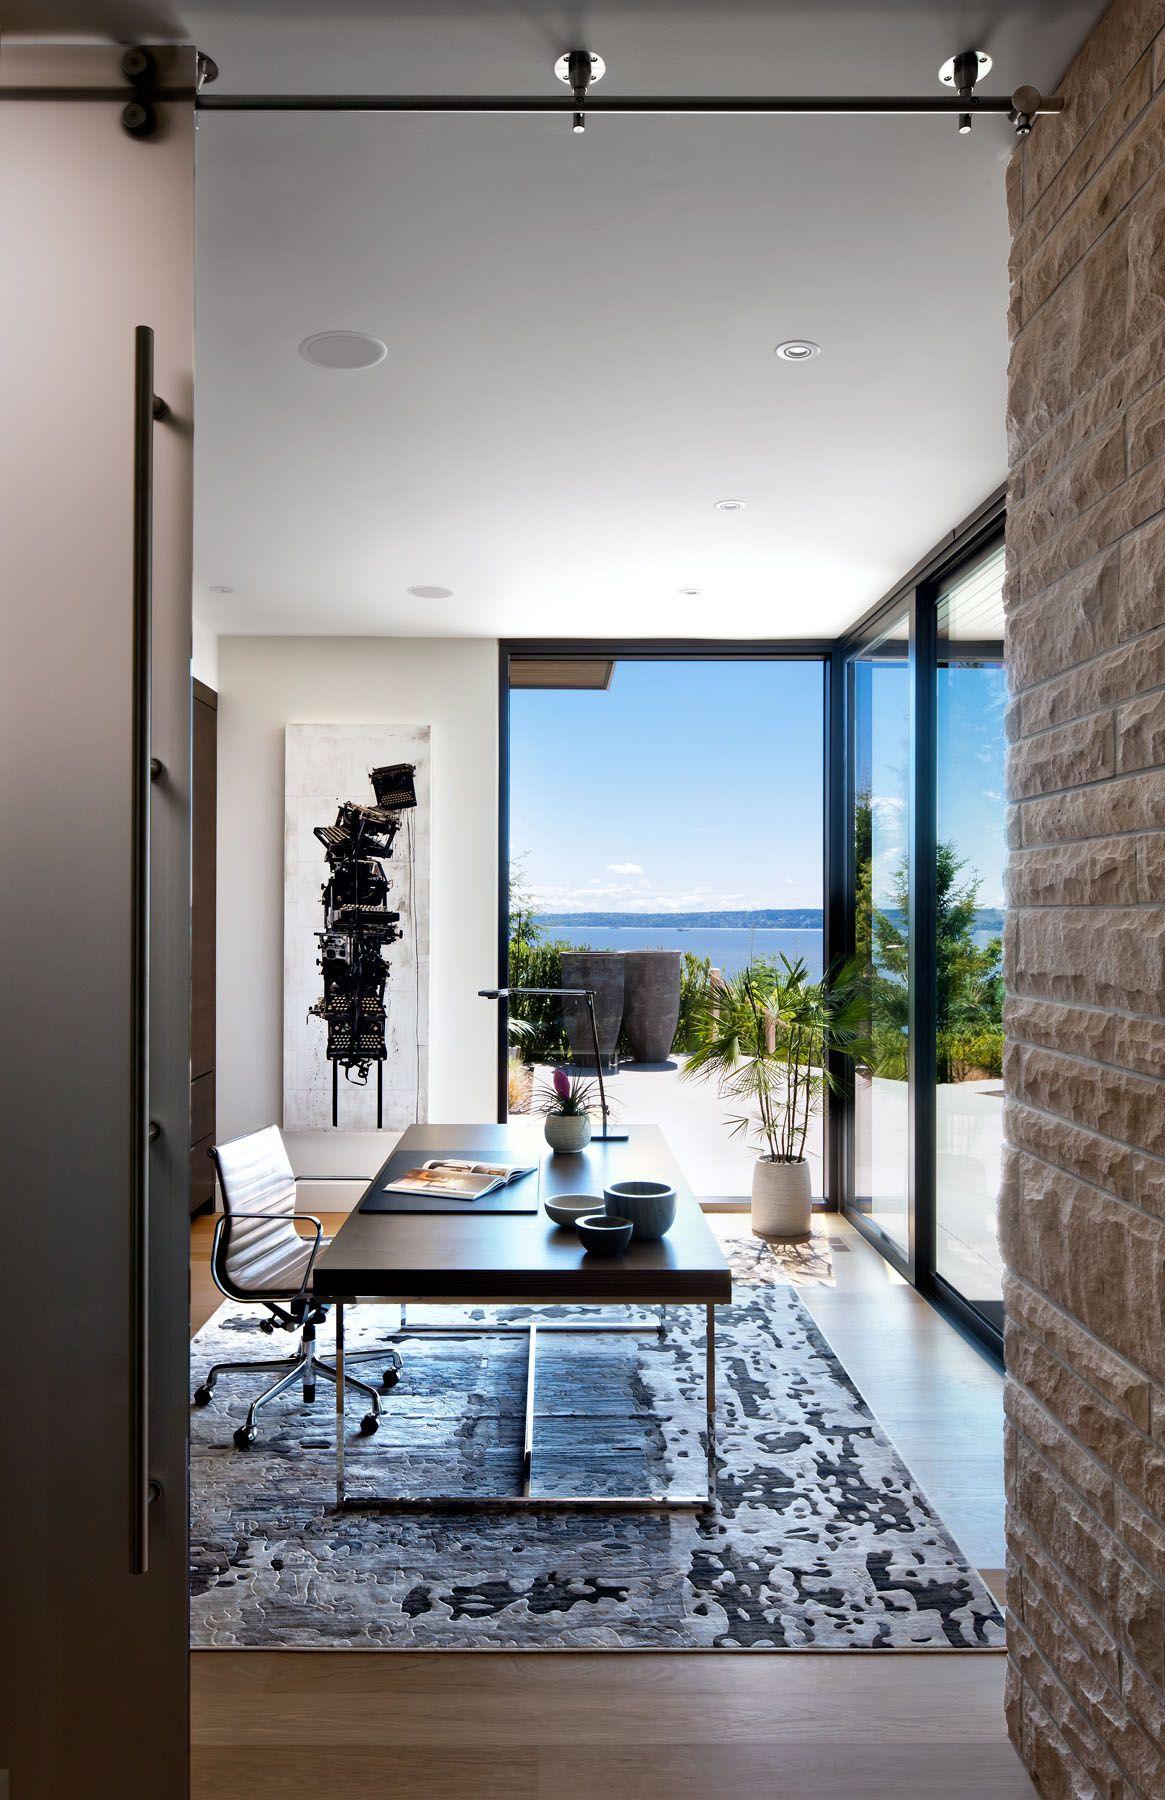 Innenarchitektur für zuhause burkehill residence von craig chevalier und raven inside interior